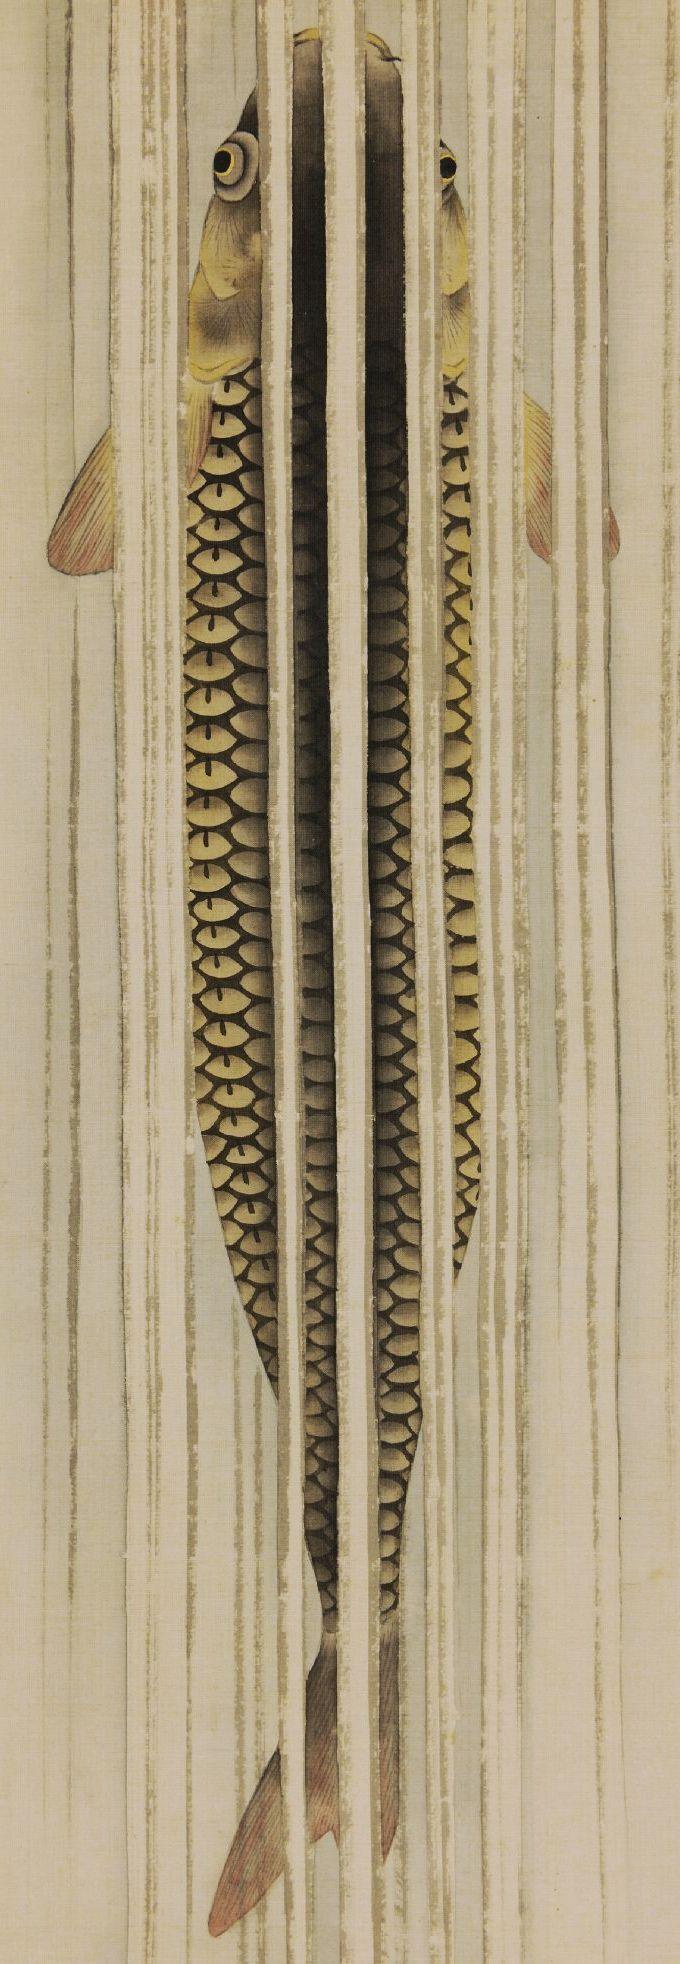 Detail. Carp ascending Waterfall. One of a pair of Japanese hanging scrolls. Suzuki Kiitsu 鈴木其一 . Rinpa School. Edo Period. 1820-1858. British Museum.